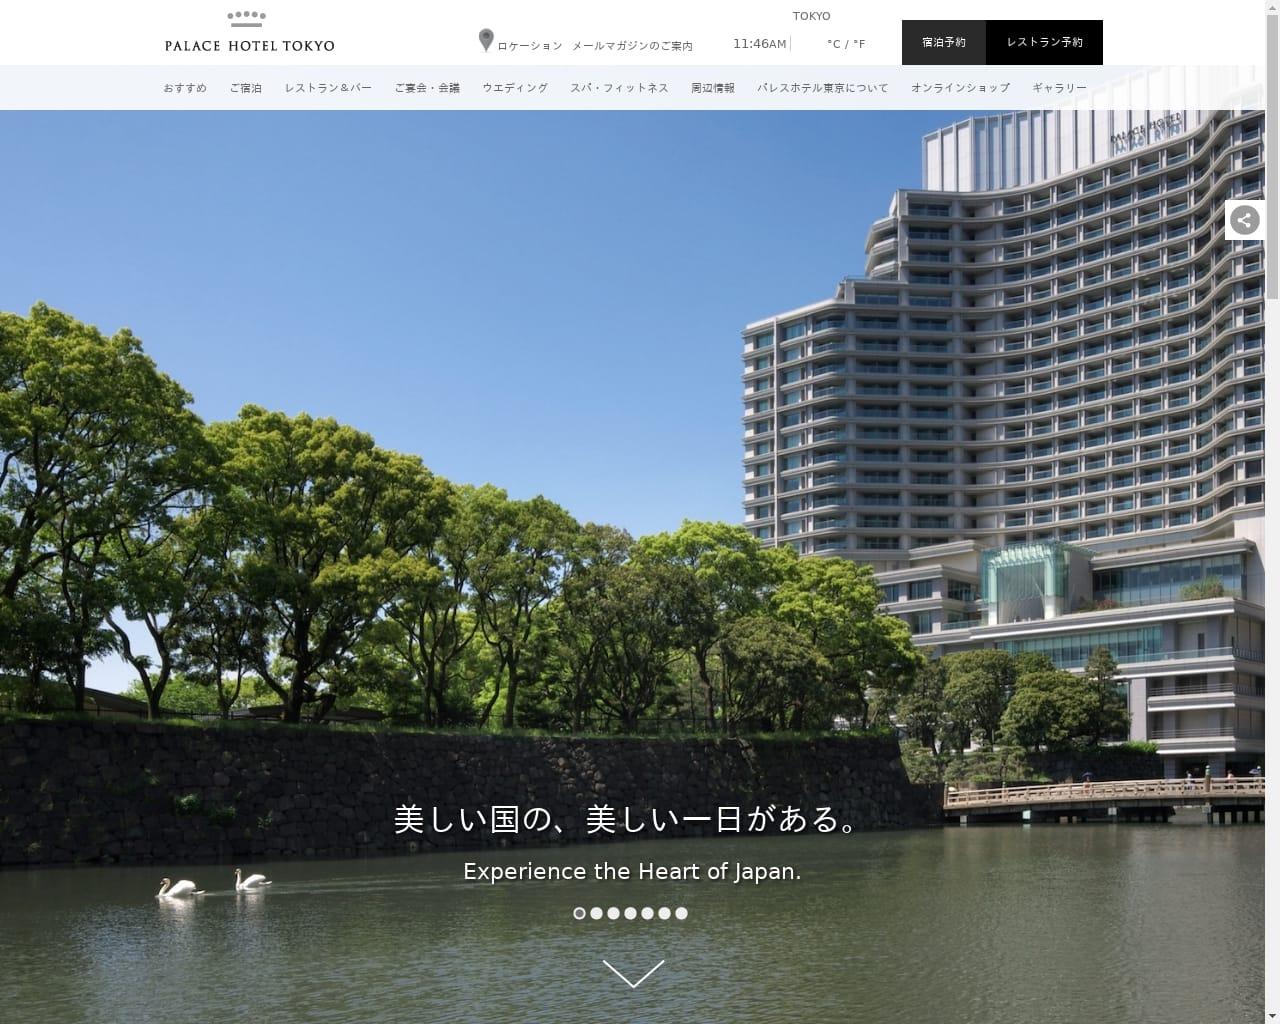 高級ホテル特集 パレスホテル東京